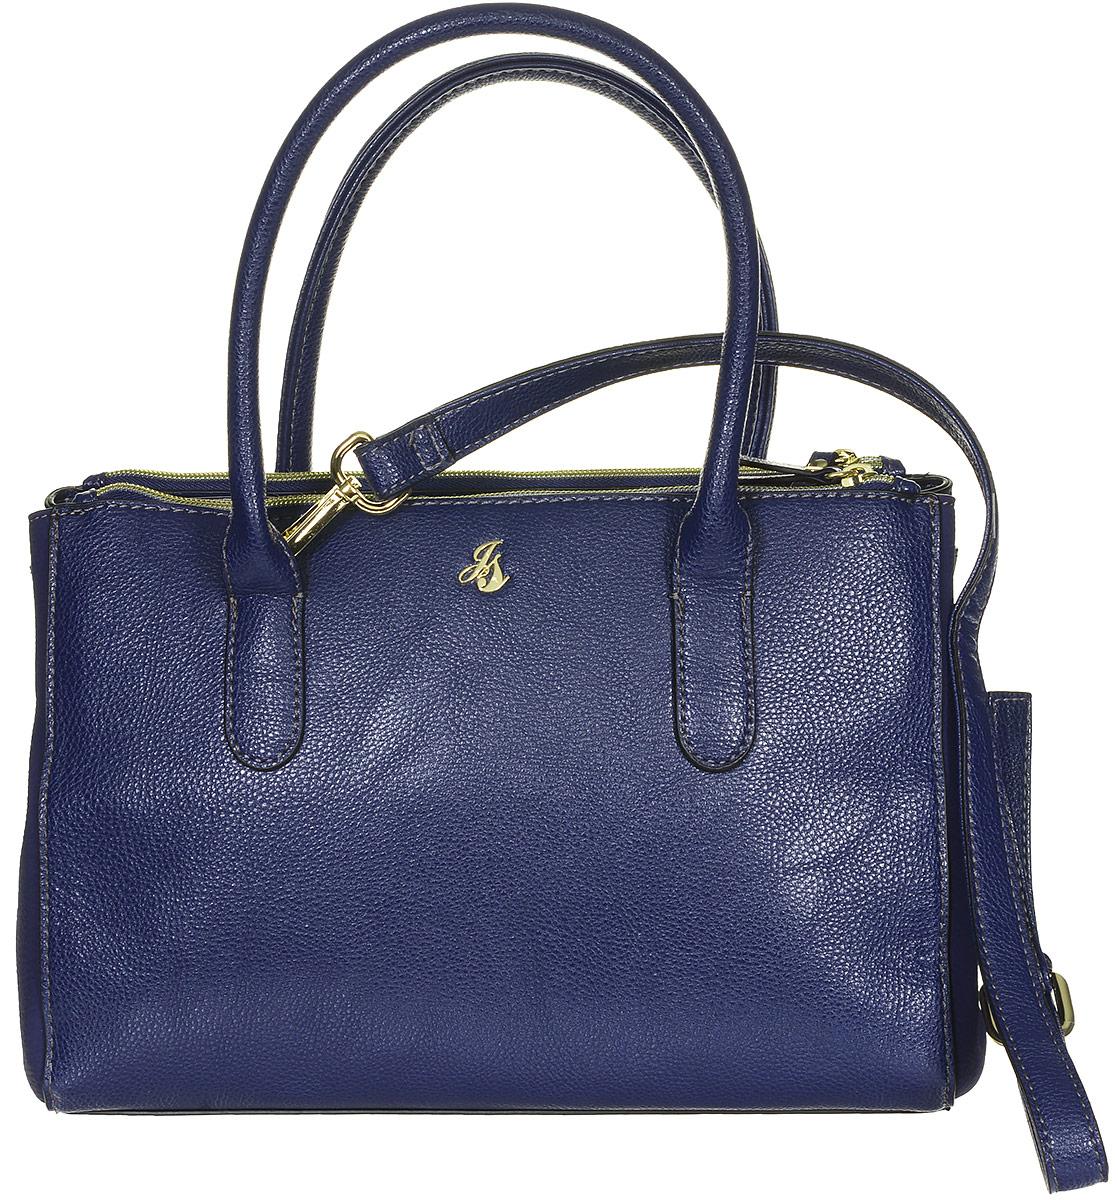 Сумка женская Jane Shilton, цвет: темно-синий. 21832183navyСтильная женская сумка Jane Shilton не оставит вас равнодушной благодаря своему дизайну и практичности. Она изготовлена из качественной искусственной кожи зернистой текстуры и оформлена металлической пластинкой с логотипом бренда. Сумка имеет два вместительных кармана на молнии. На тыльной стороне расположен удобный накладной карман, который закрывается на магнитную кнопку. Изделие оснащено удобными ручками и съемным плечевым ремнем, длина которого регулируется с помощью пряжки. Сумка закрывается на замок-молнию. Внутри расположено главное отделение, которое содержит один открытый накладной карман для телефона, один вшитый карман на молнии для мелочей, четыре кармана для визиток и карт и два фиксатора для письменных принадлежностей. Такая модная и практичная сумка завершит ваш образ и станет незаменимым аксессуаром в вашем гардеробе.